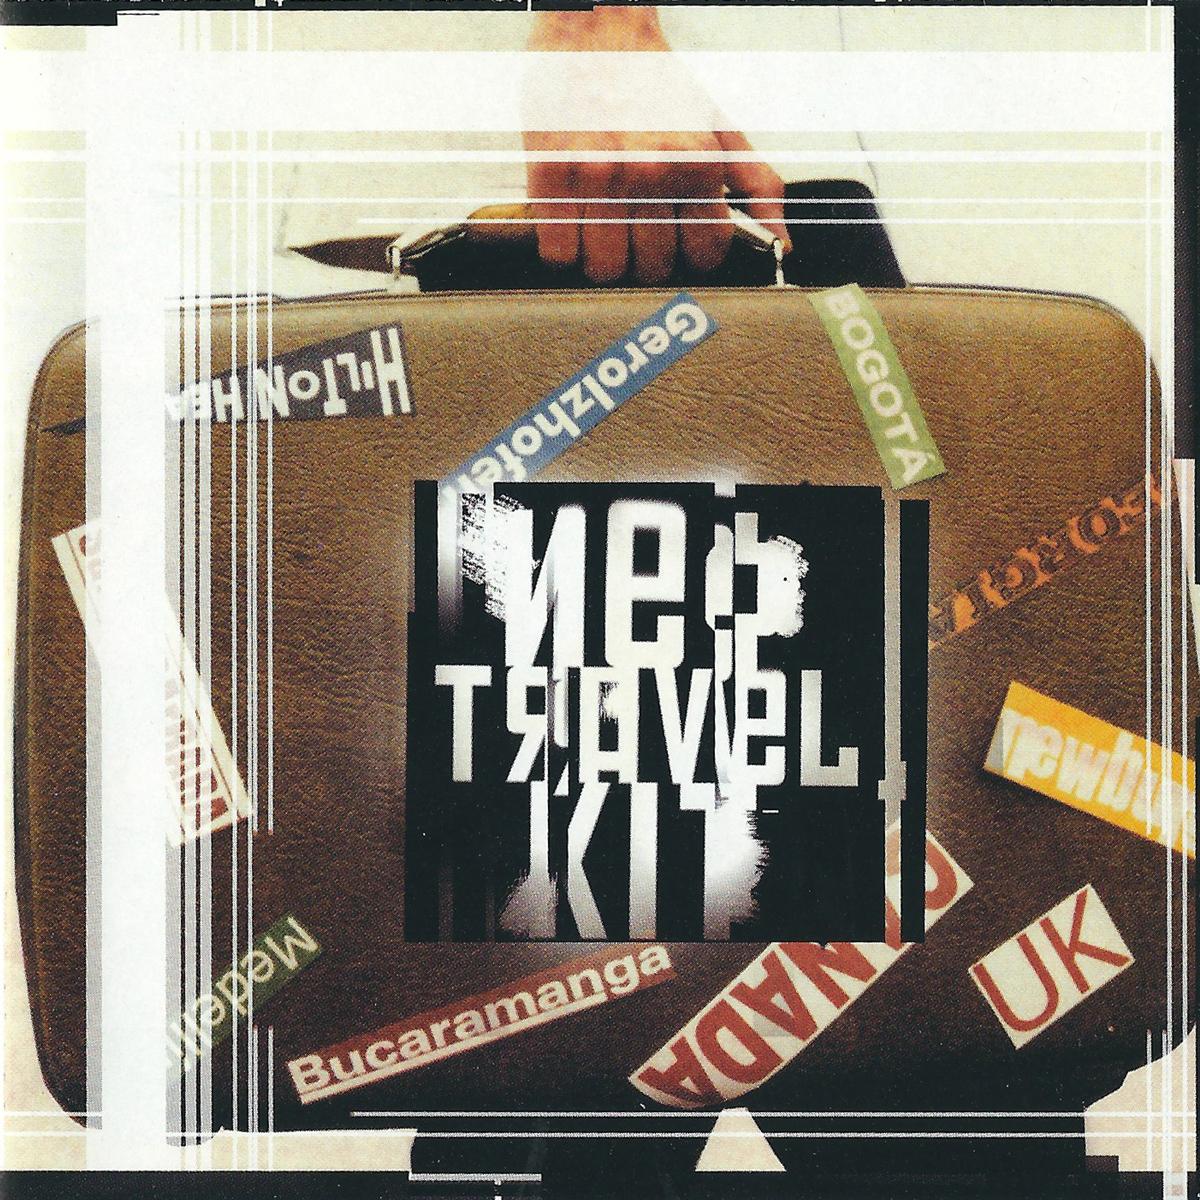 TPR901 - Neo Travel Kit, una compilación de Tropical Punk Records